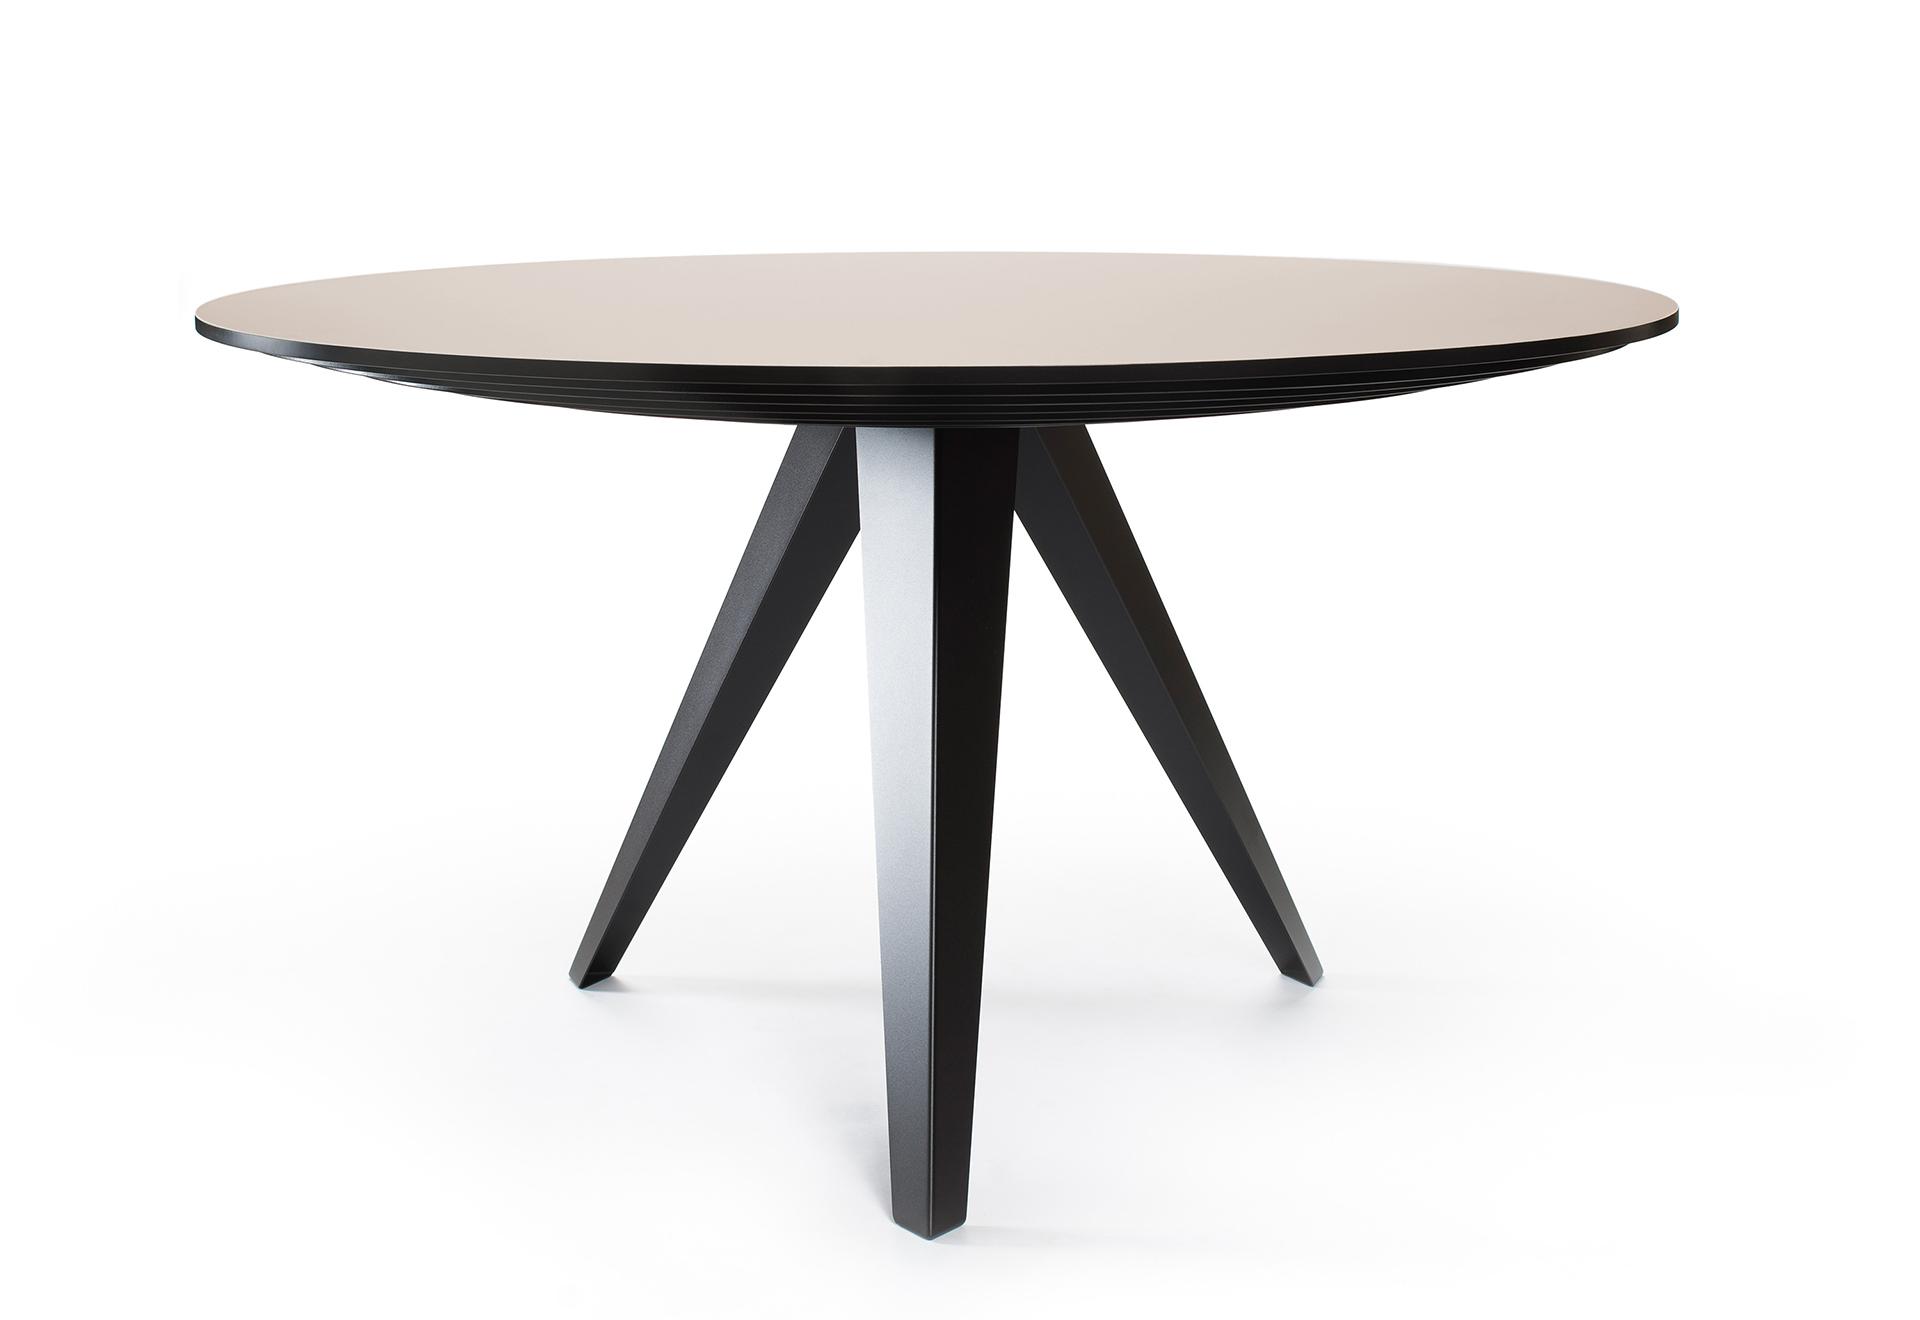 Ronde Eettafel 140 Cm Zwart.Ronde Eettafel Belly L Kees Marcelis L Odesi Your Dutch Design